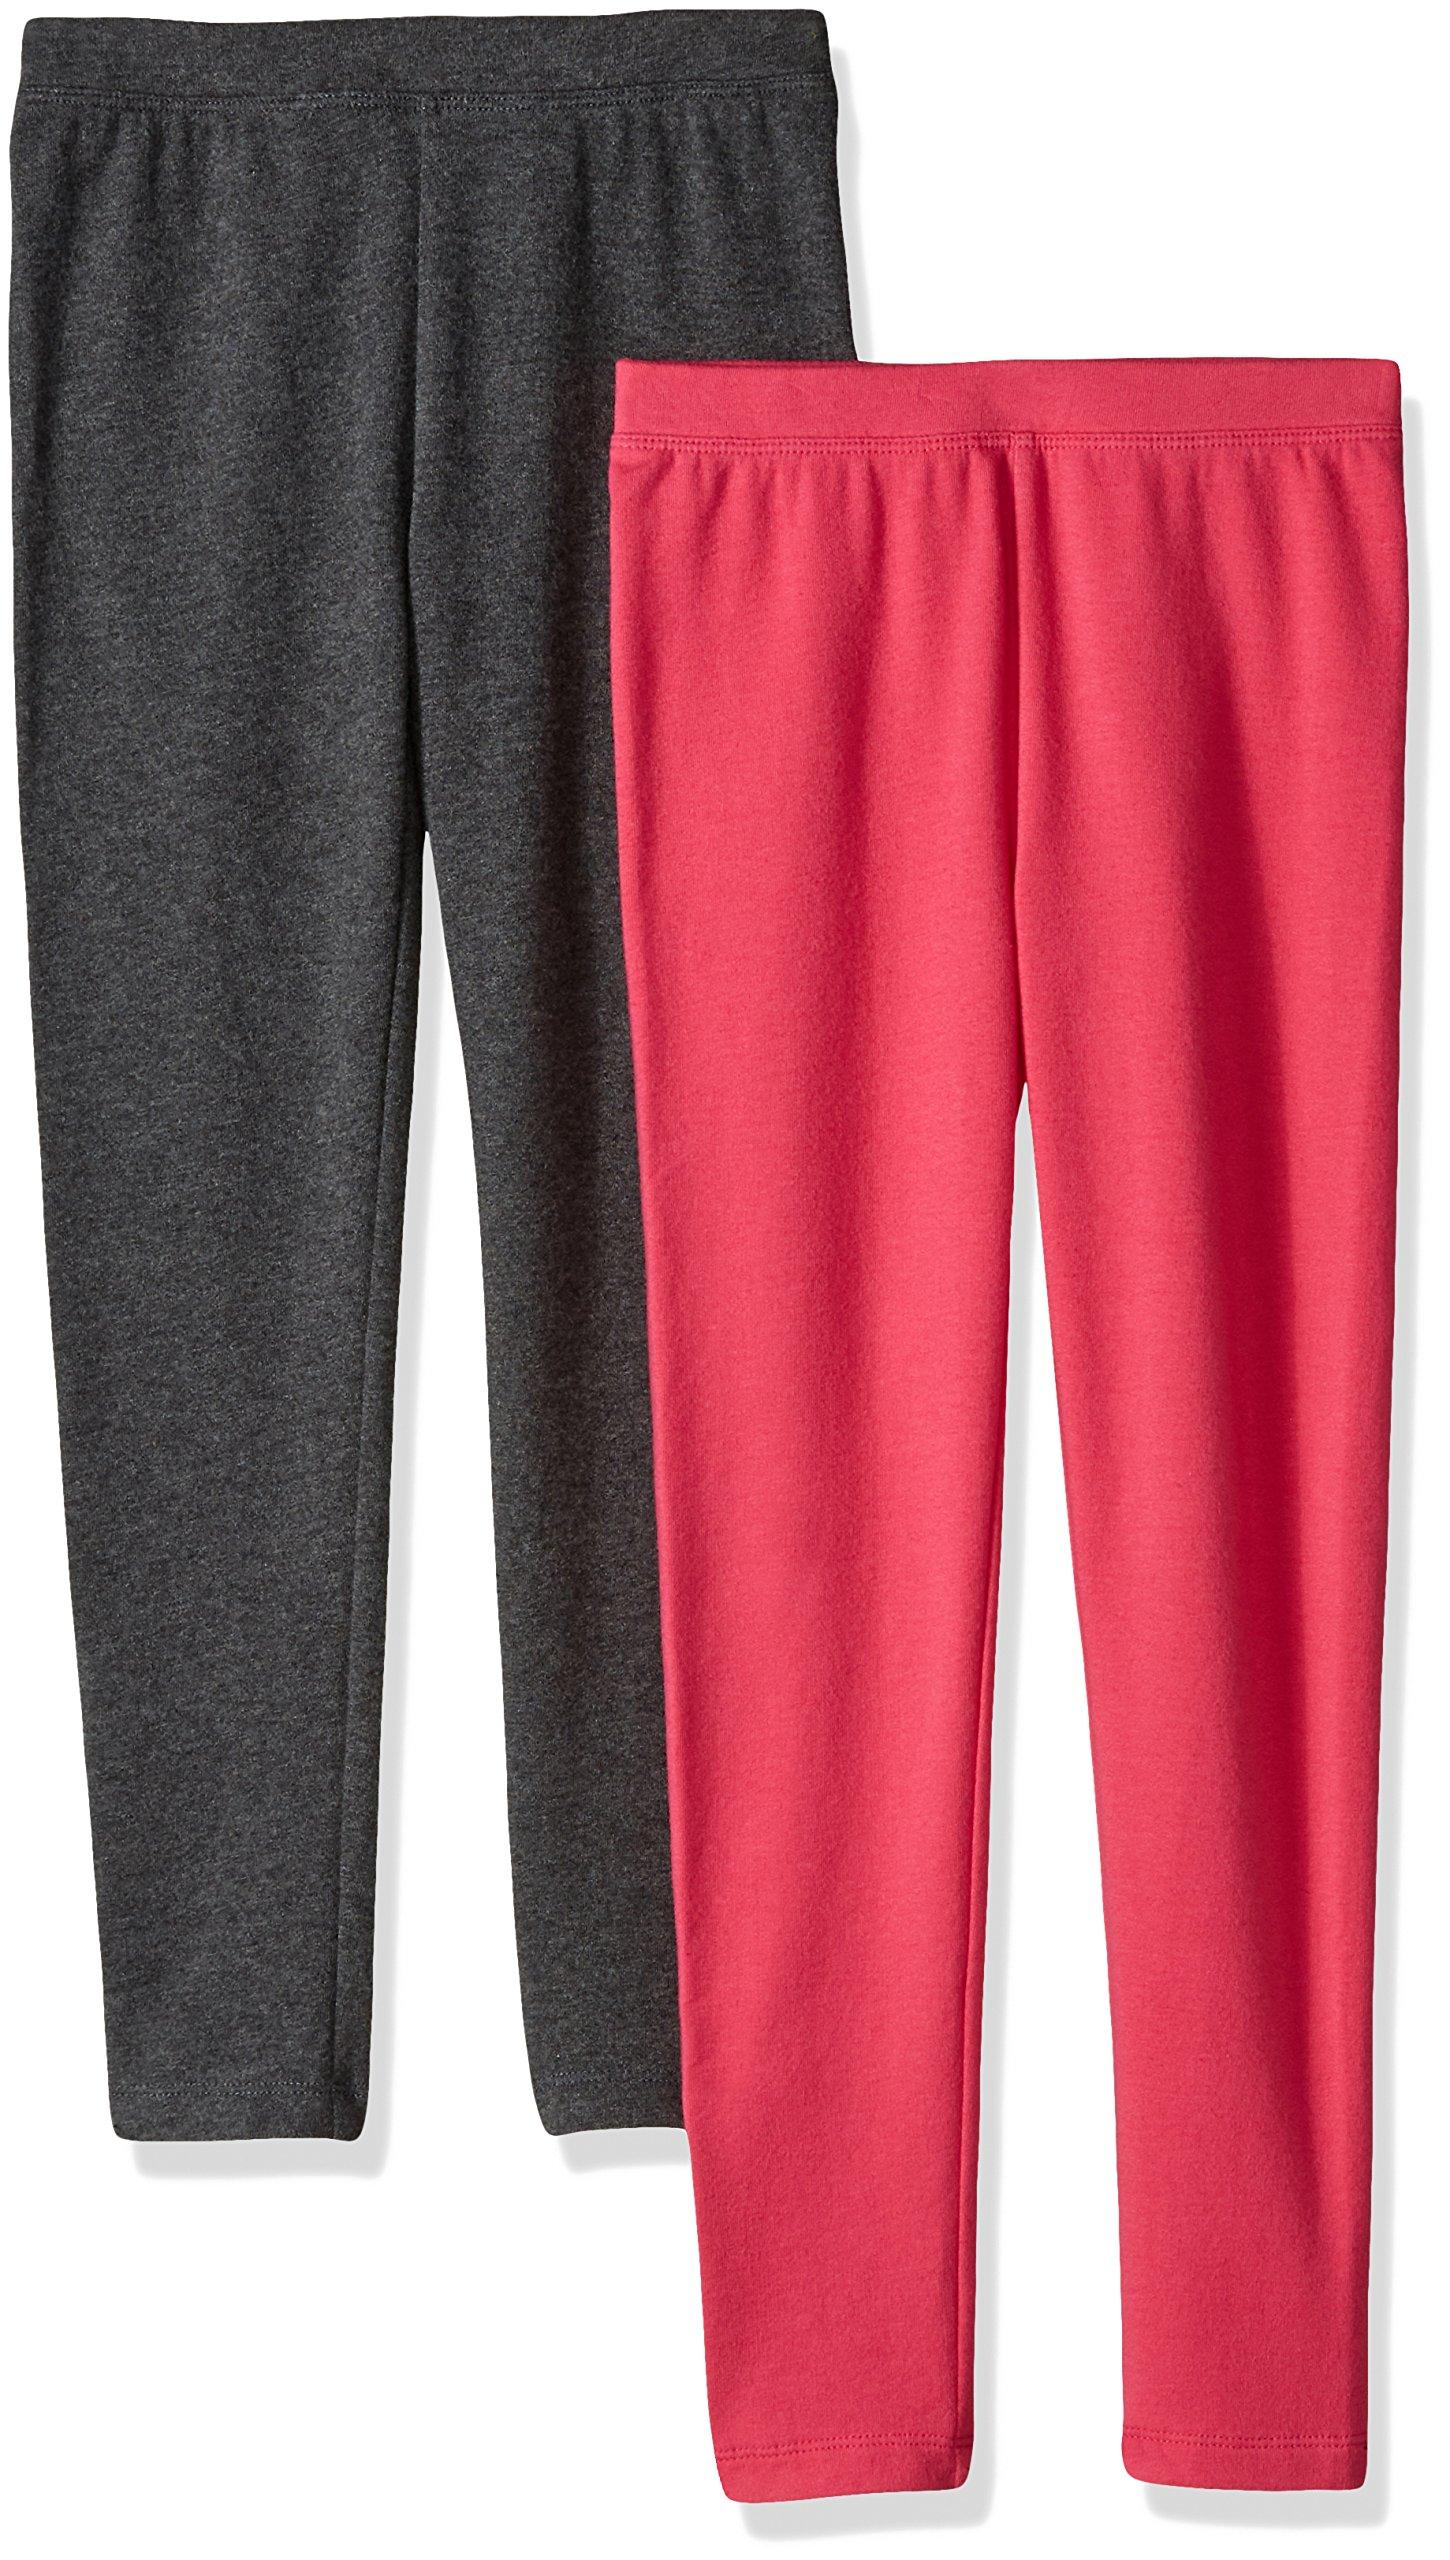 Amazon Essentials Girls 2-Pack Cozy Leggings